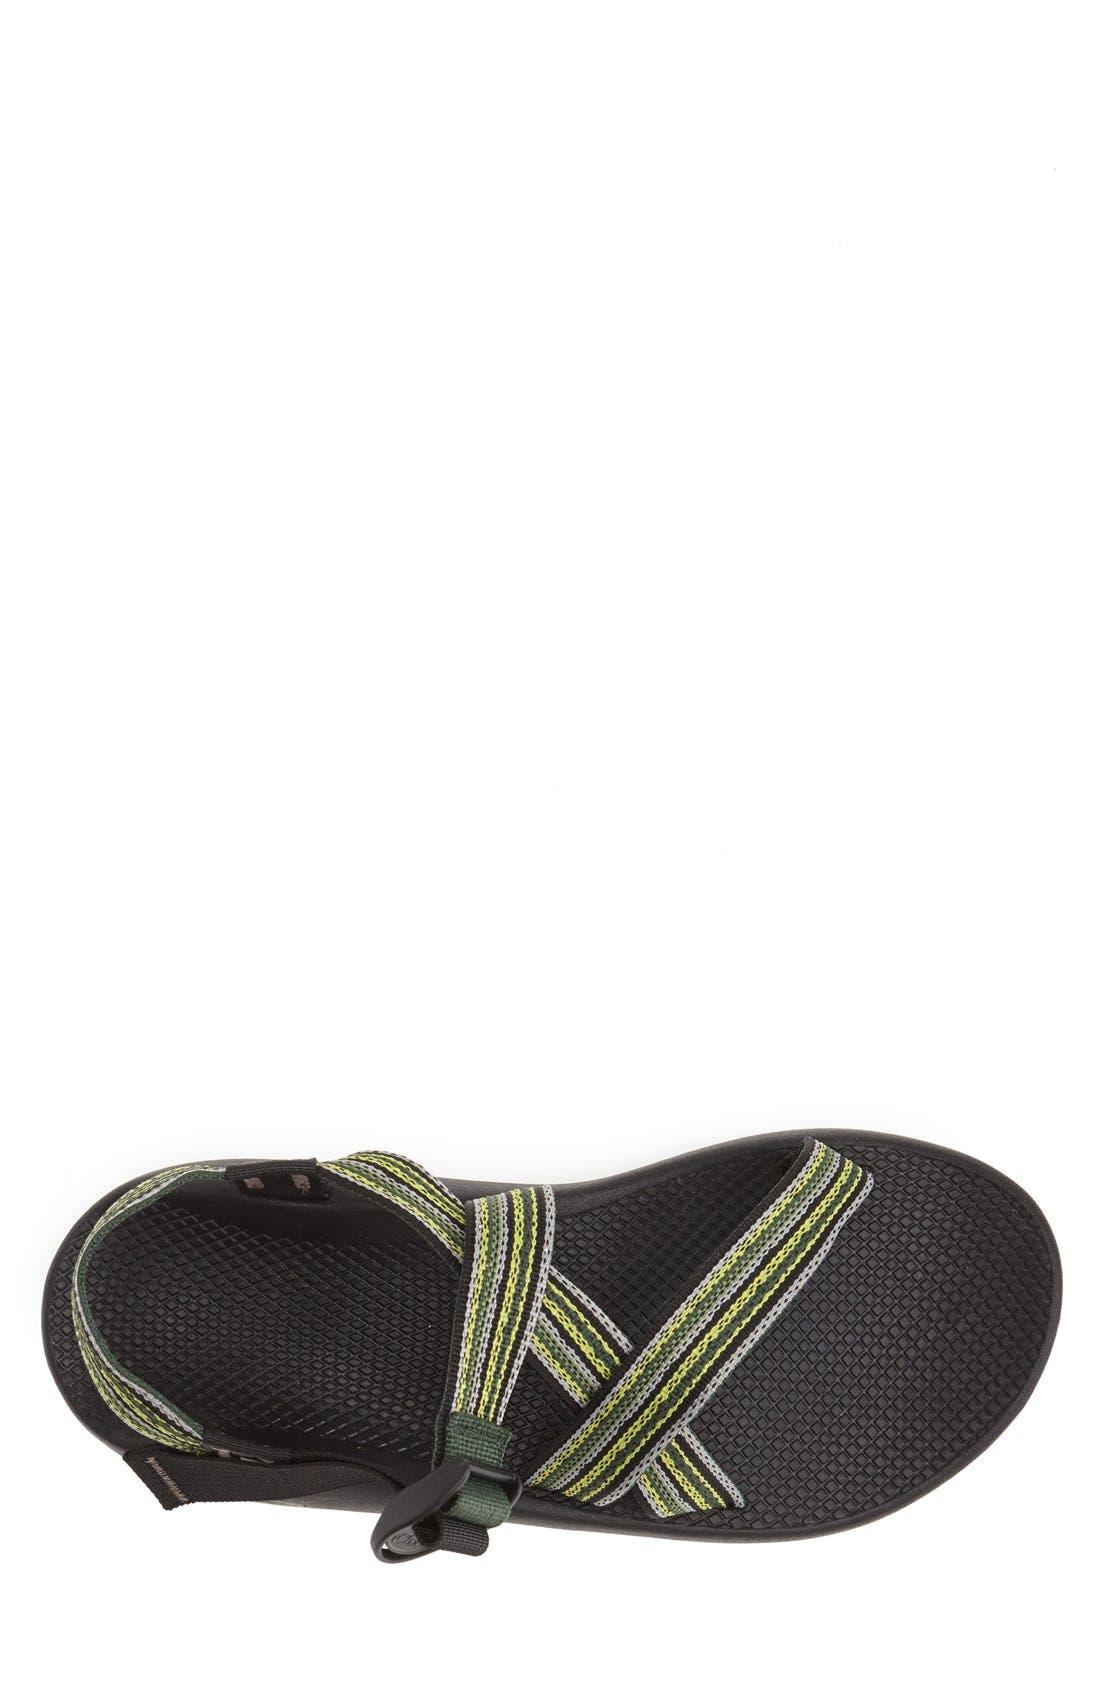 Alternate Image 3  - Chaco 'Z/1 Yampa' Sandal (Men)